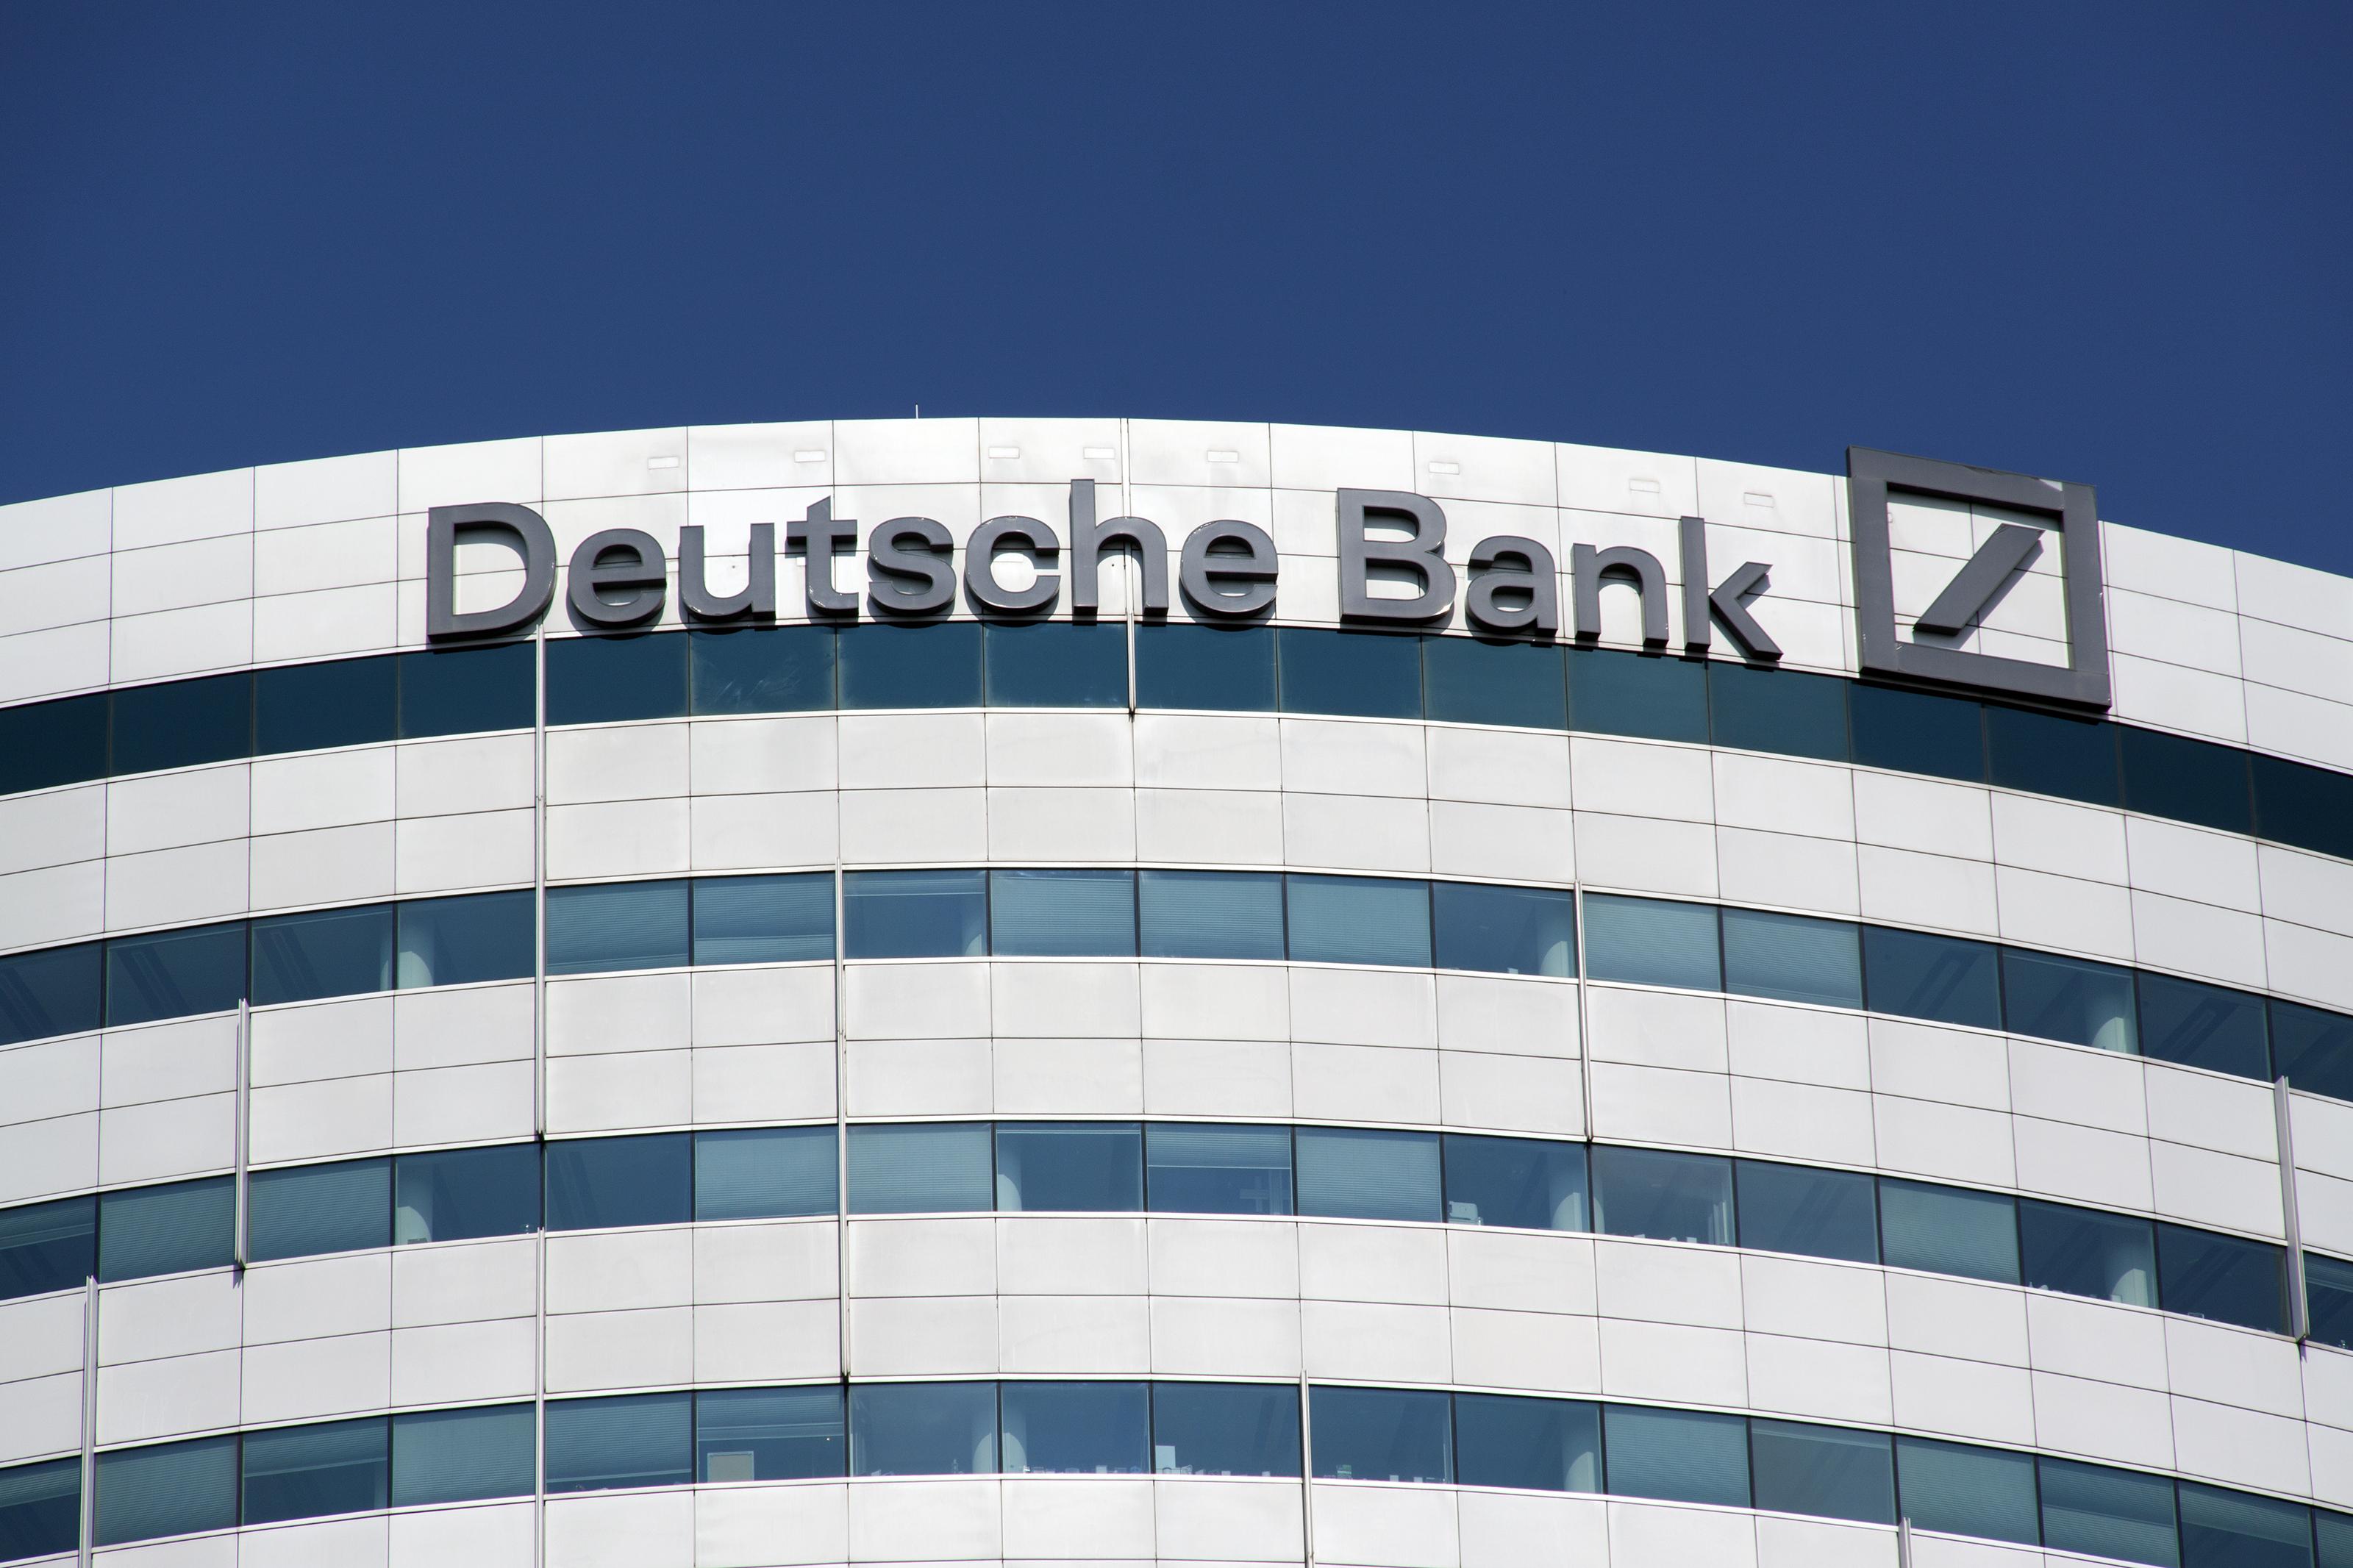 Commerzbank Und Deutsche Bank Wickeln Wertpapiergeschäft über Die Blockchain Technologie Ab